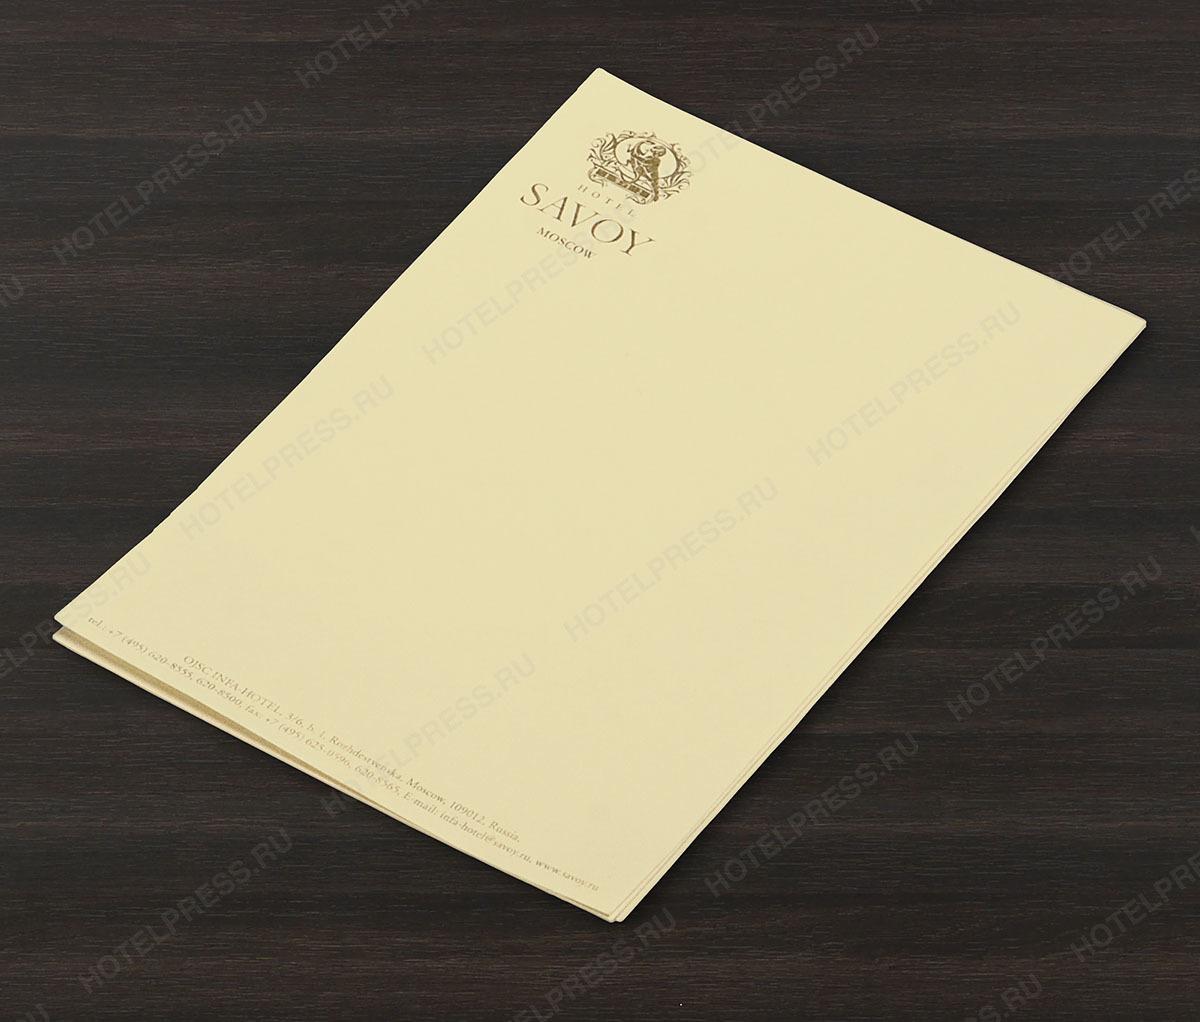 Блокнот А7 (73 х 105 мм) на тонированной бумаге с логотипом